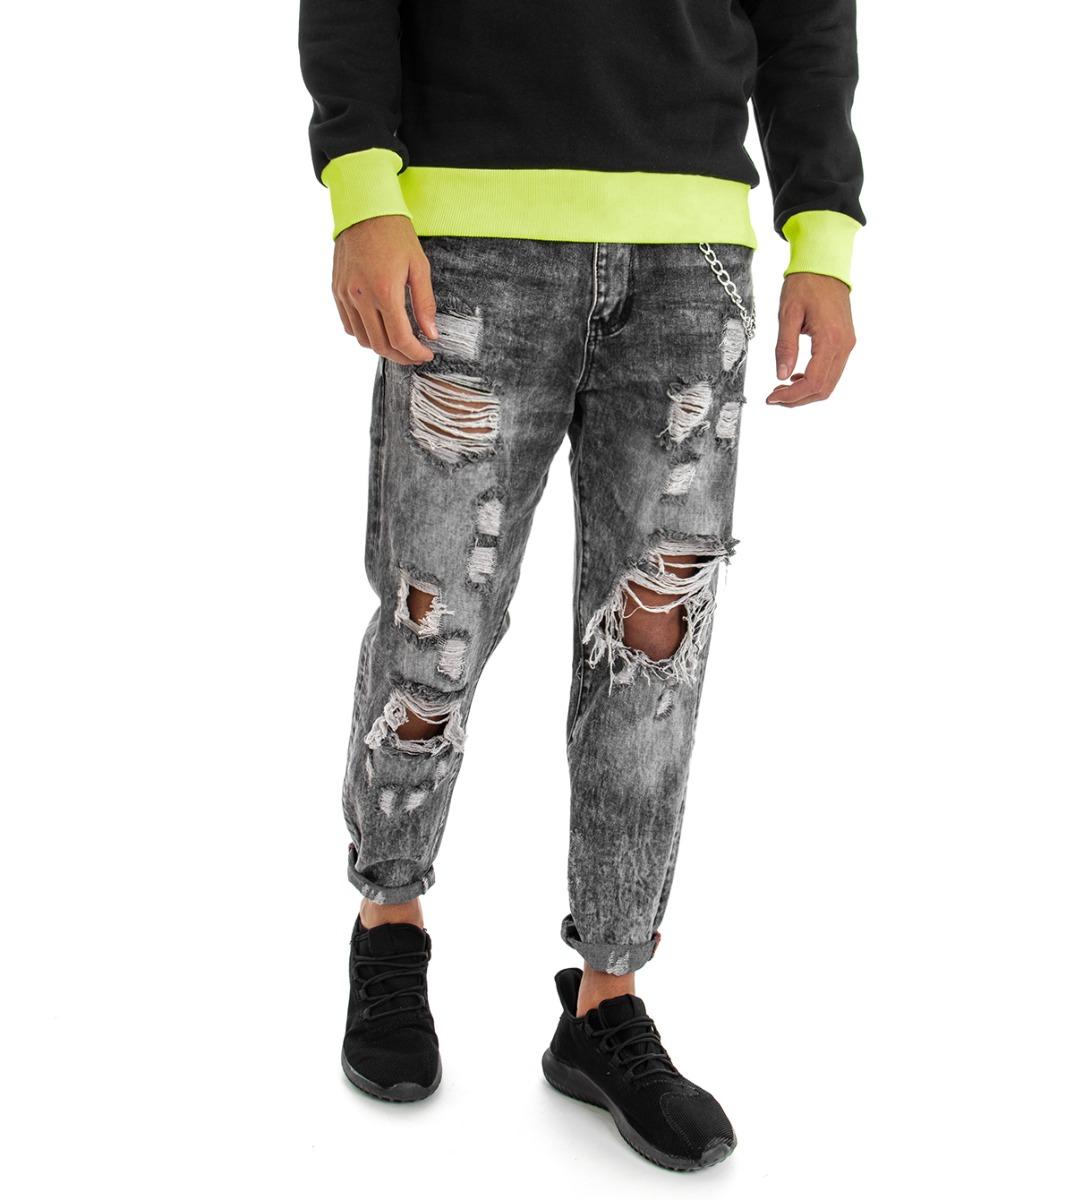 Pantalone-Uomo-Jeans-Grigio-Cinque-Tasche-Rotture-Cavallo-Basso-Strappato-Reg miniatura 5